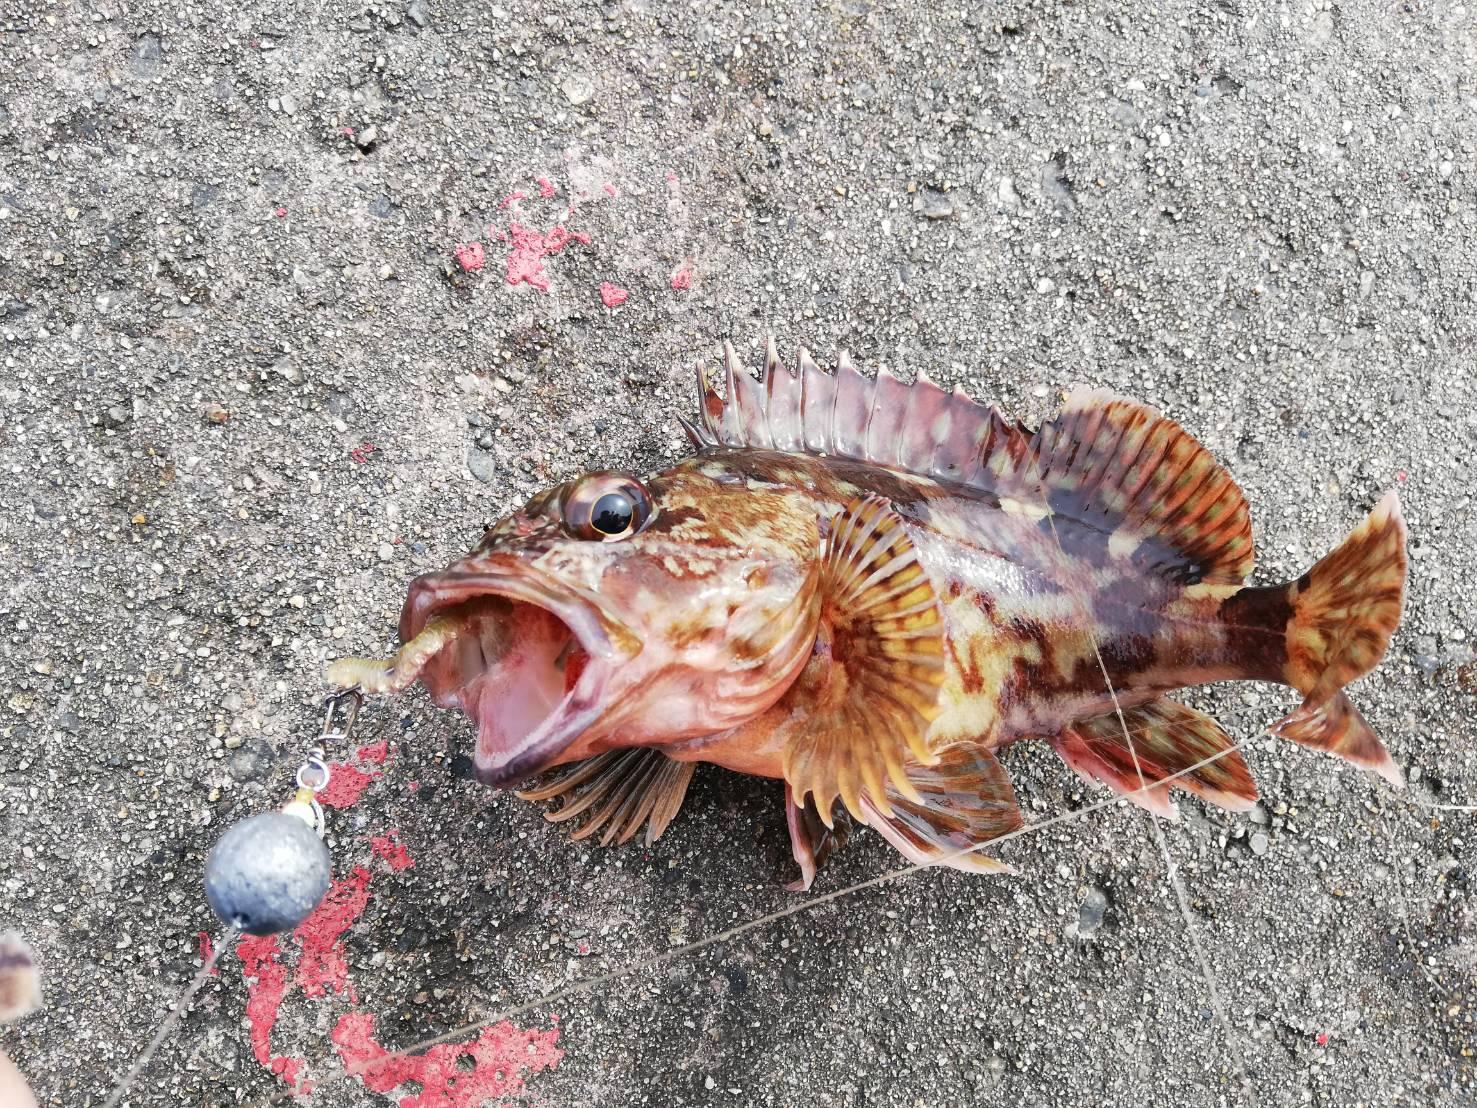 【釣果報告】穴釣りにはブラクリよりもジグヘッド!?2021年の釣り初め